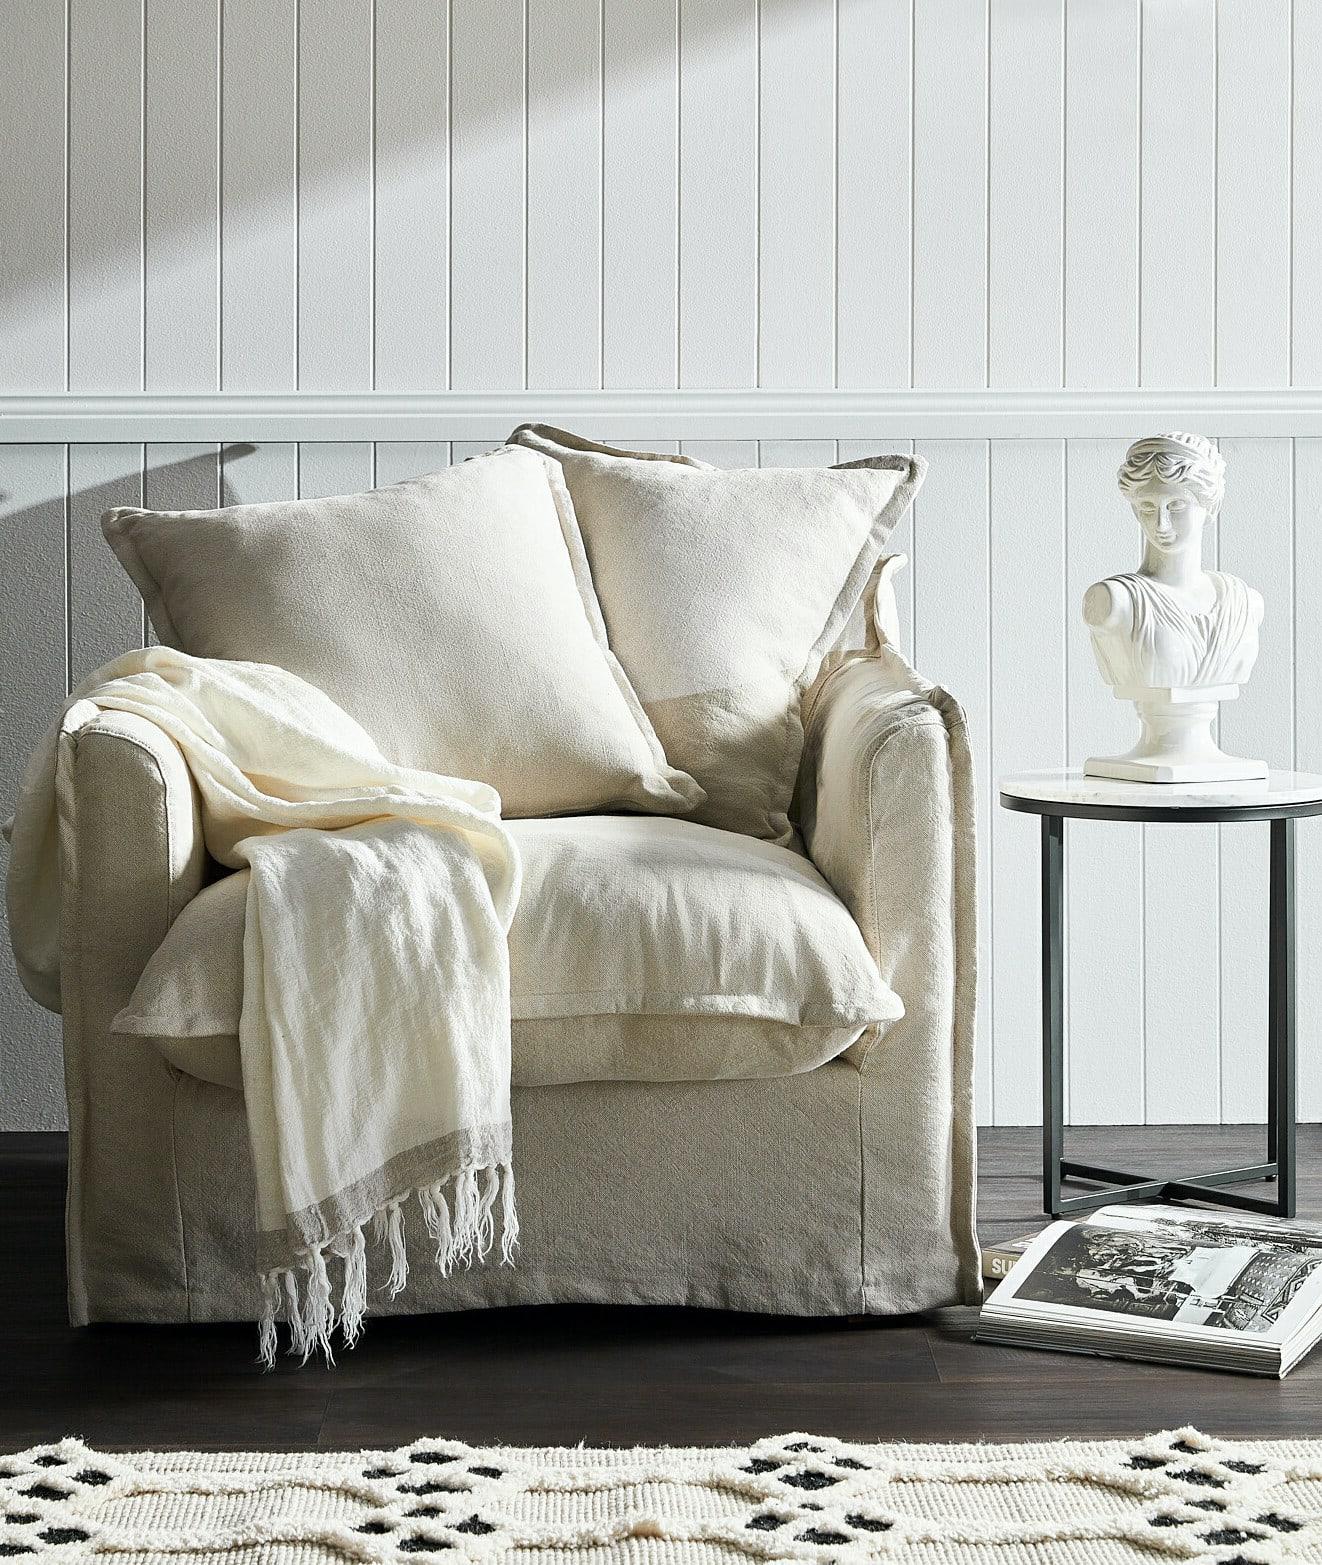 Armchair with Cushion